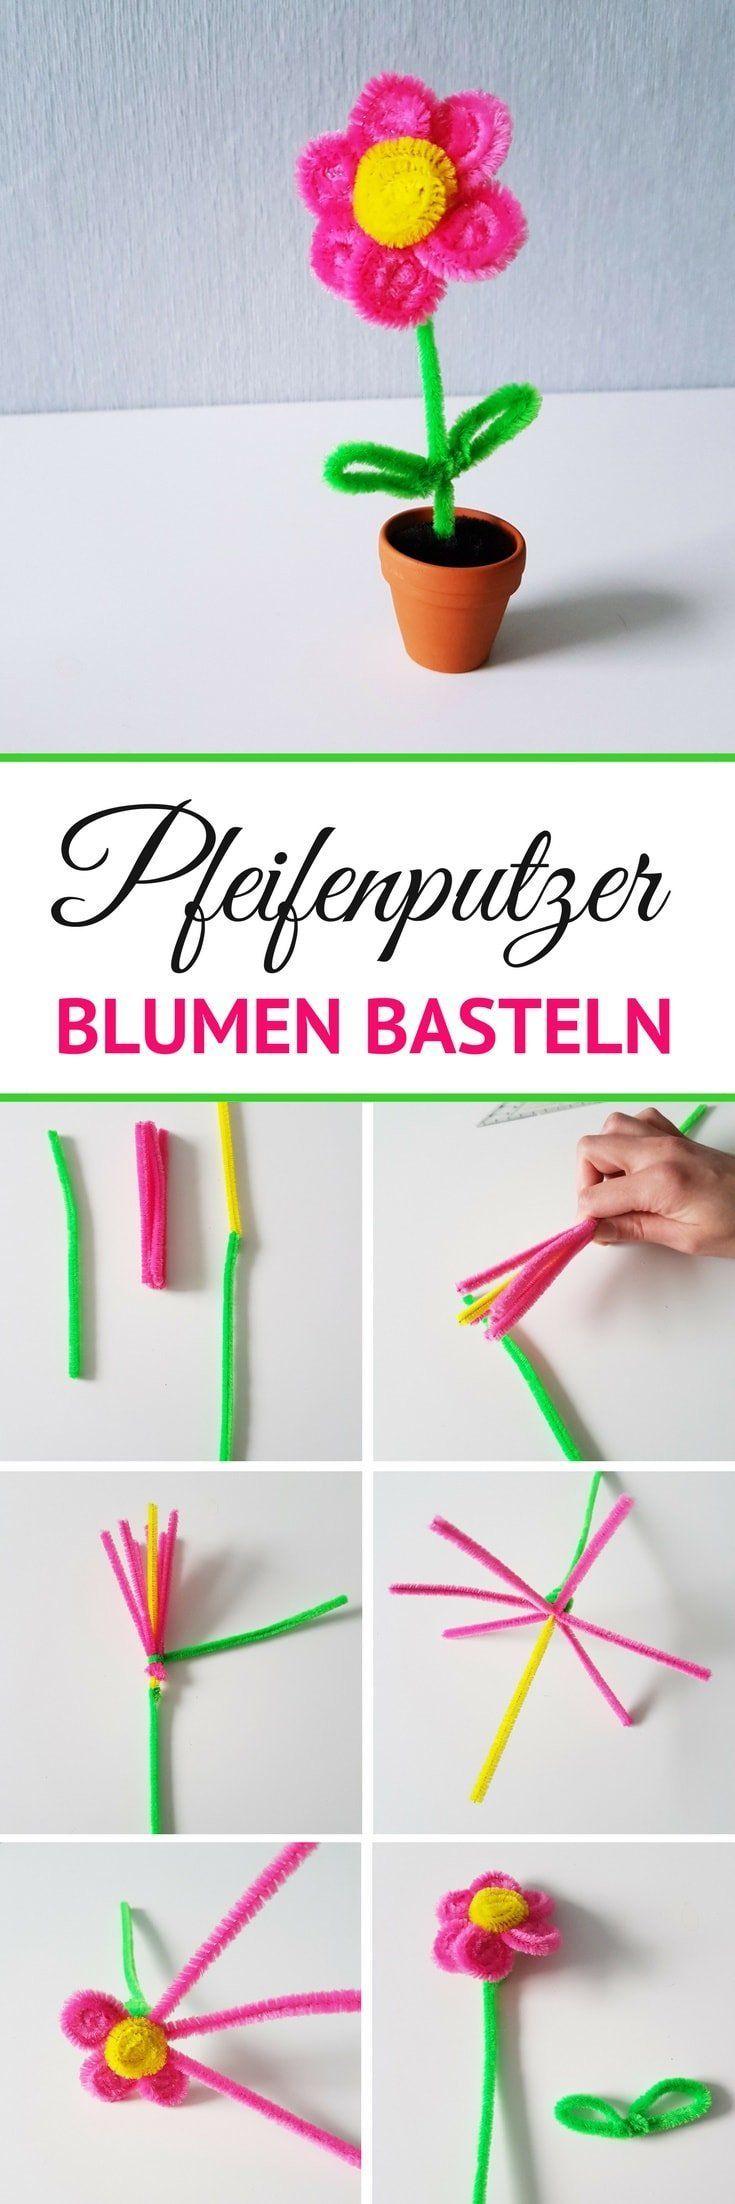 Pfeifenputzer Blumen basteln: Einfache DIY Anleitung für Kinder